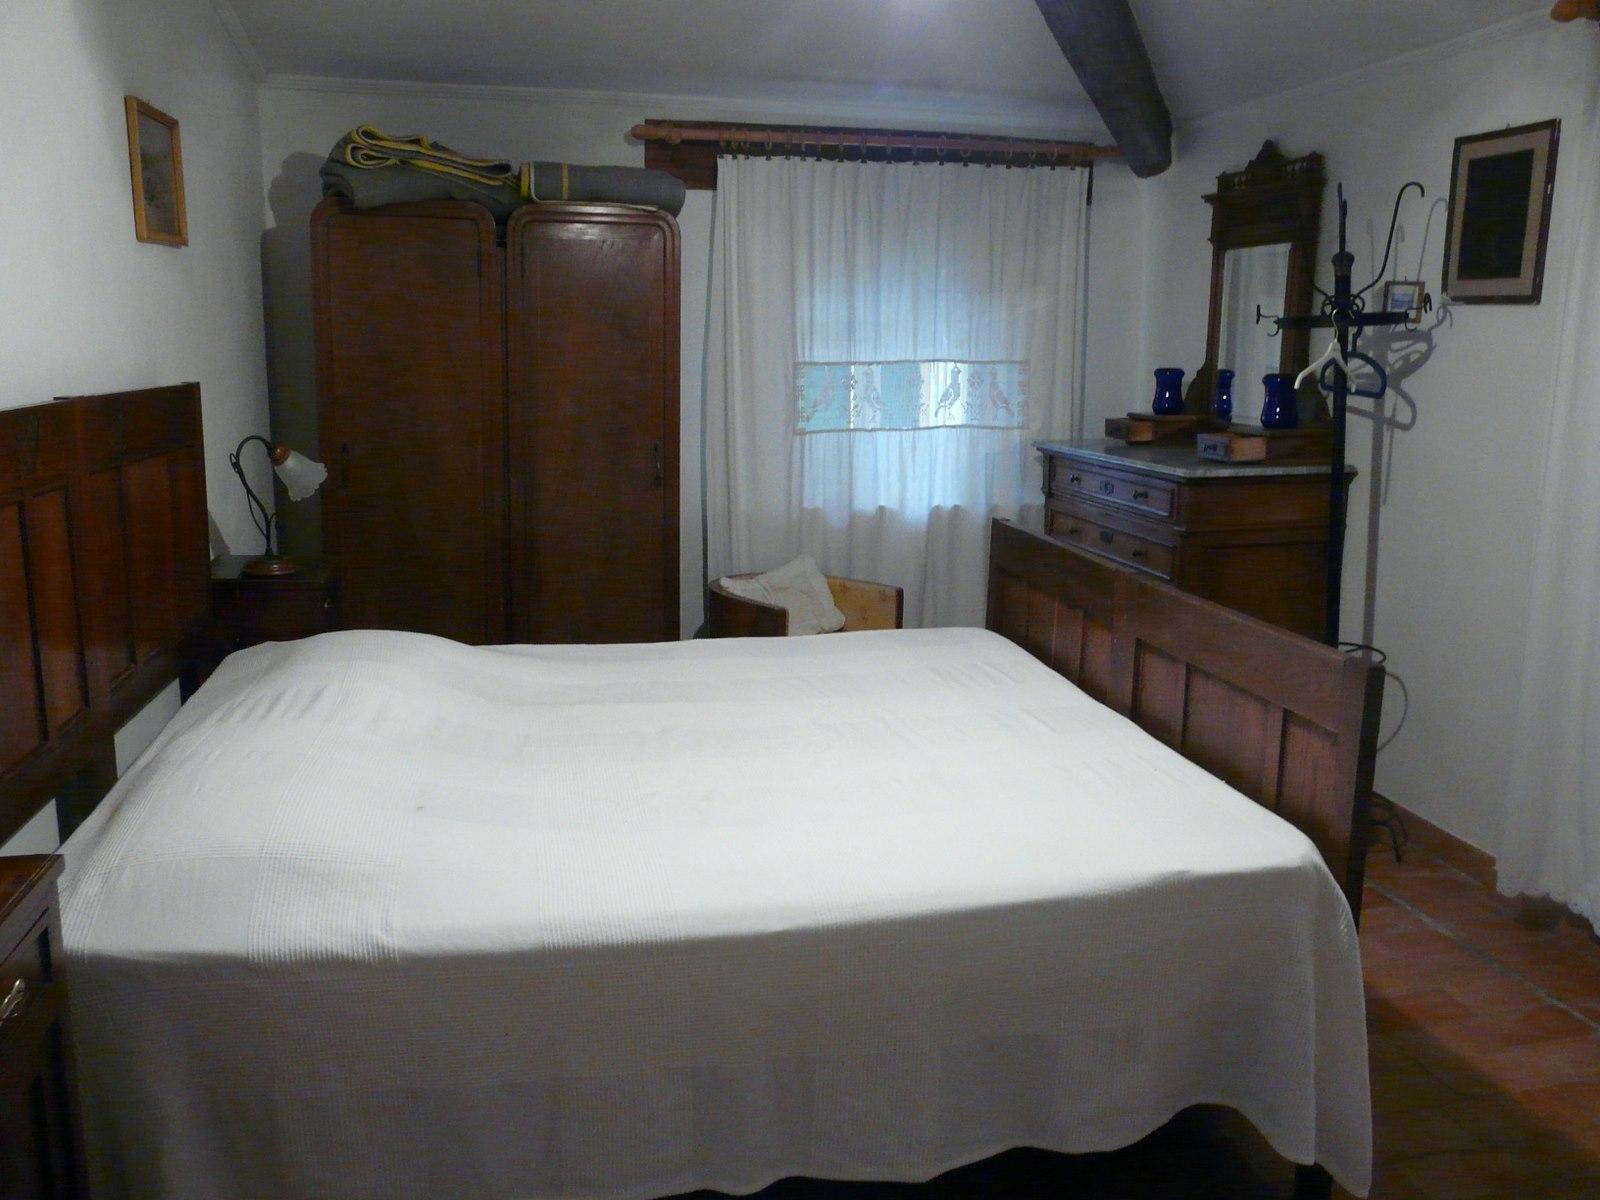 Ferienhaus Pescatore (870454), Fano (IT), Adriaküste (Marken), Marken, Italien, Bild 39